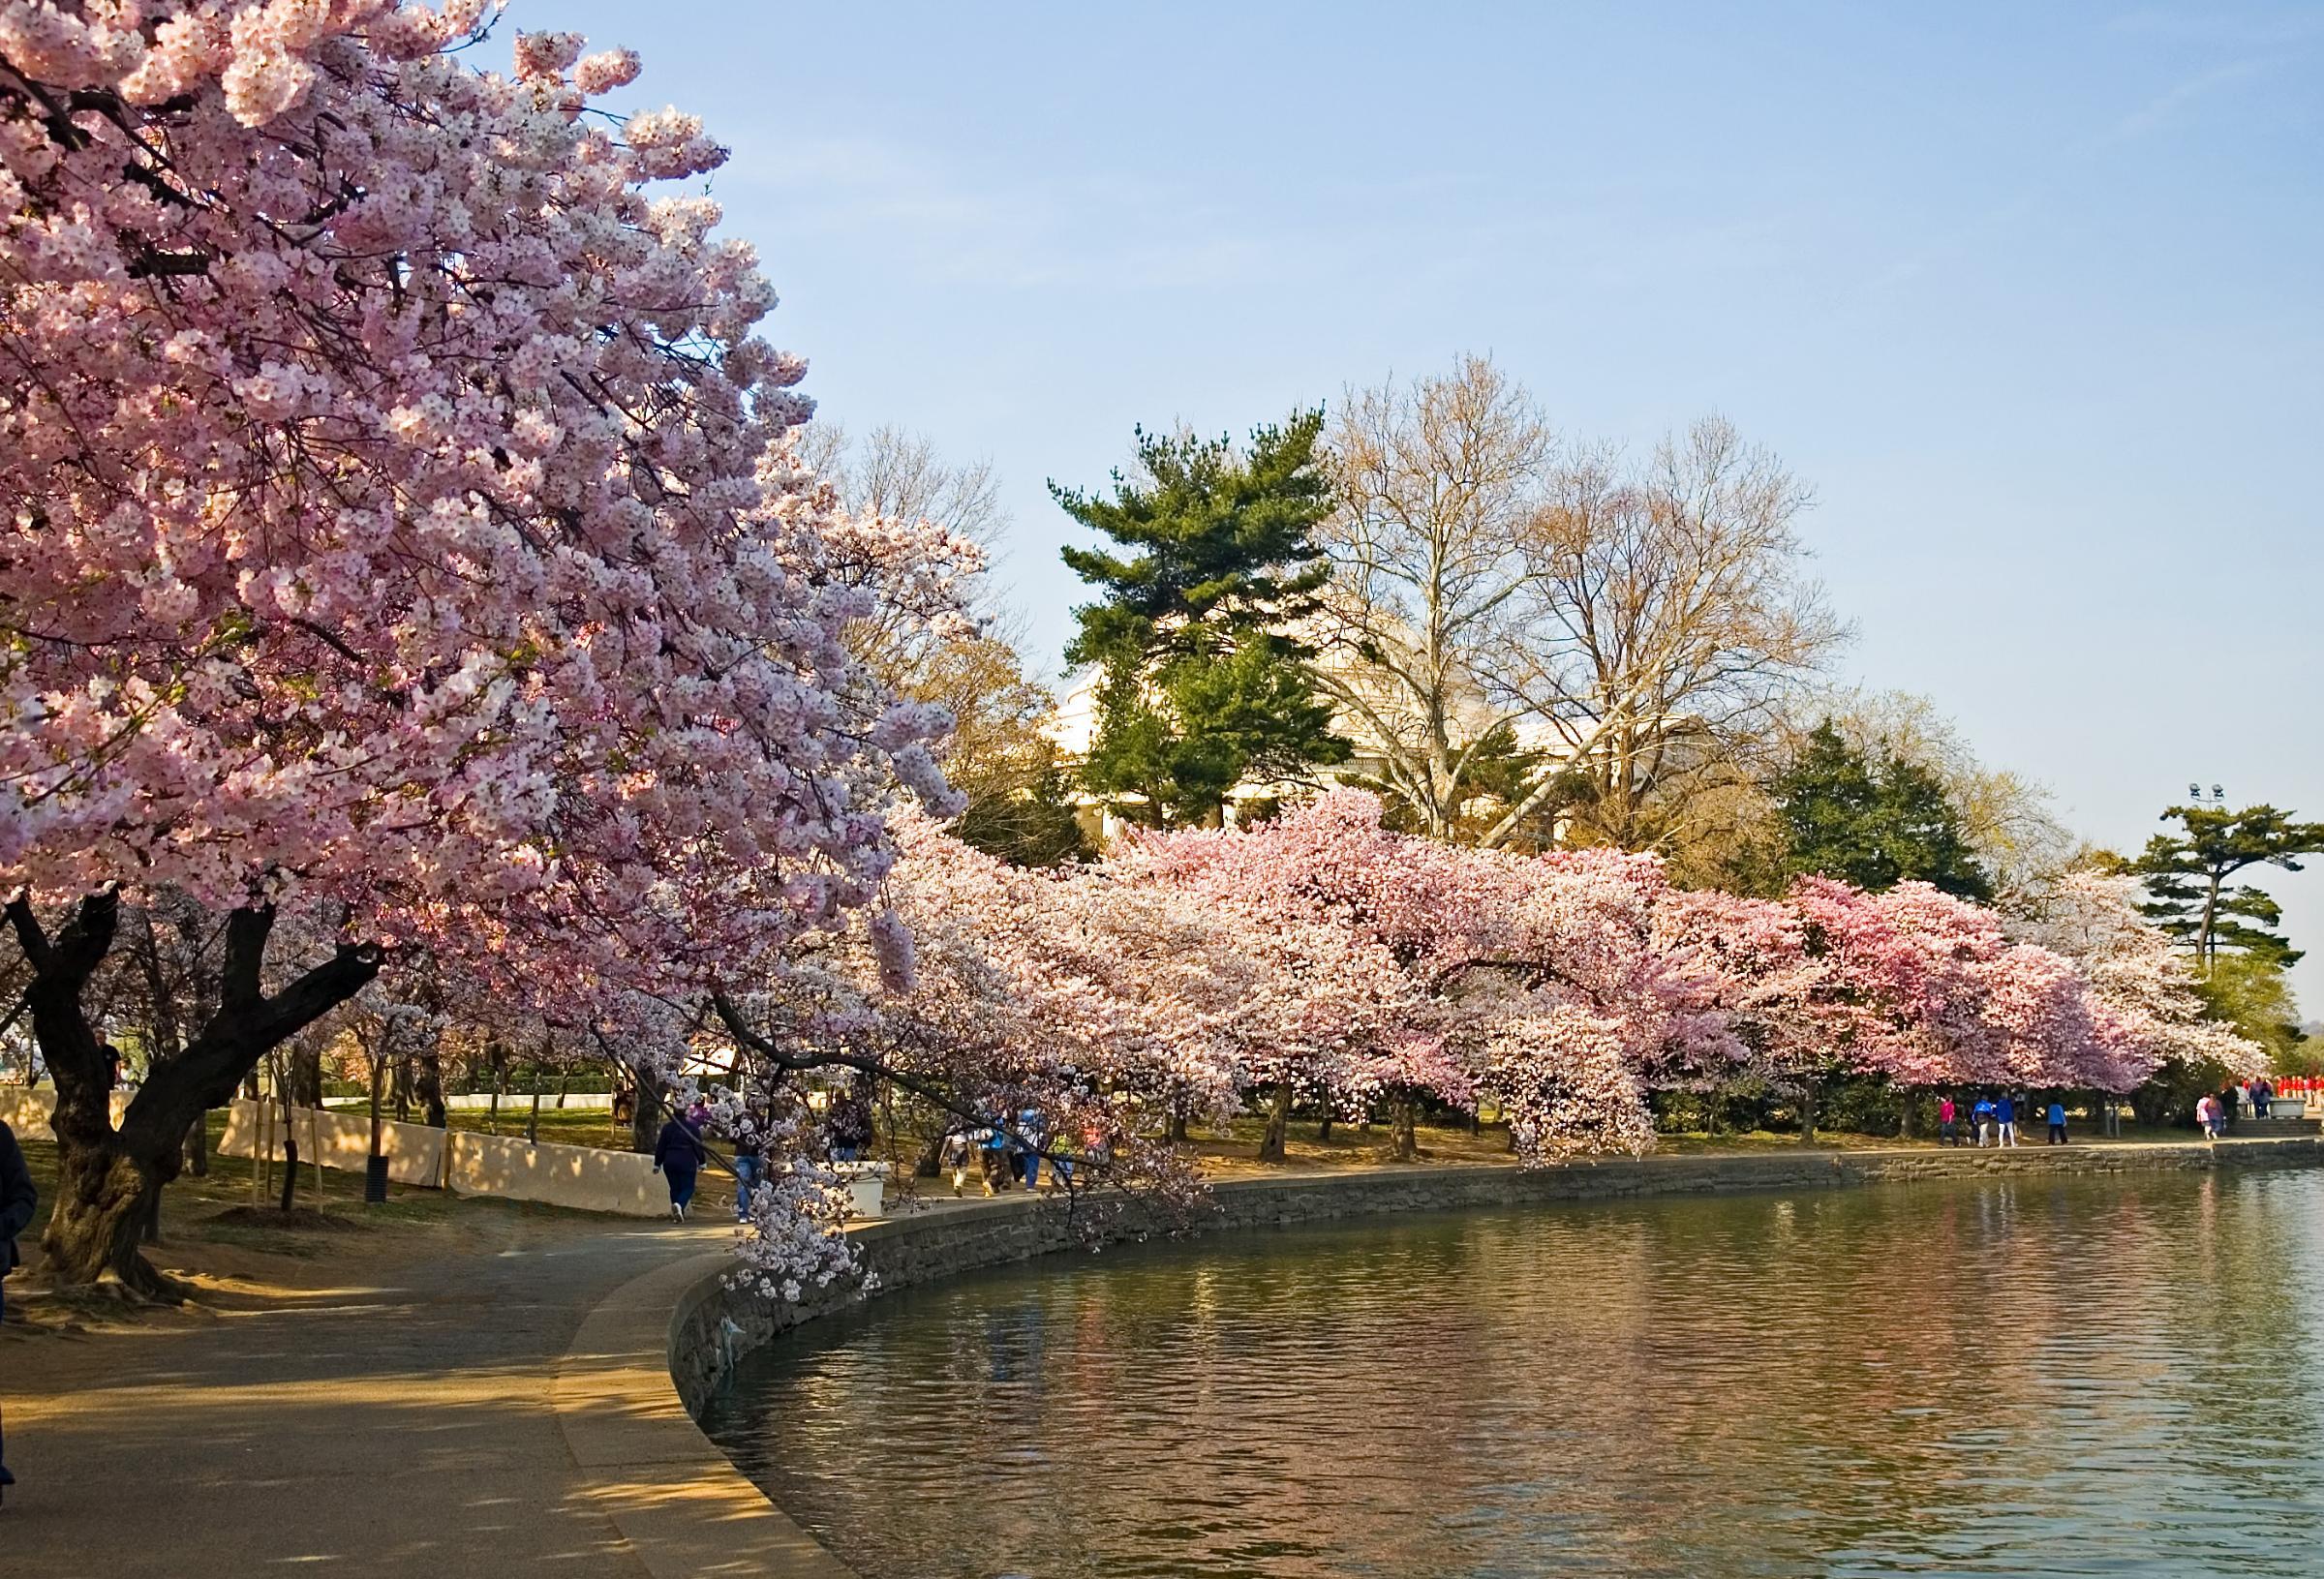 صورة اليابان وما ادراك ما اليابان , صور لروعة الدولة اليابانية